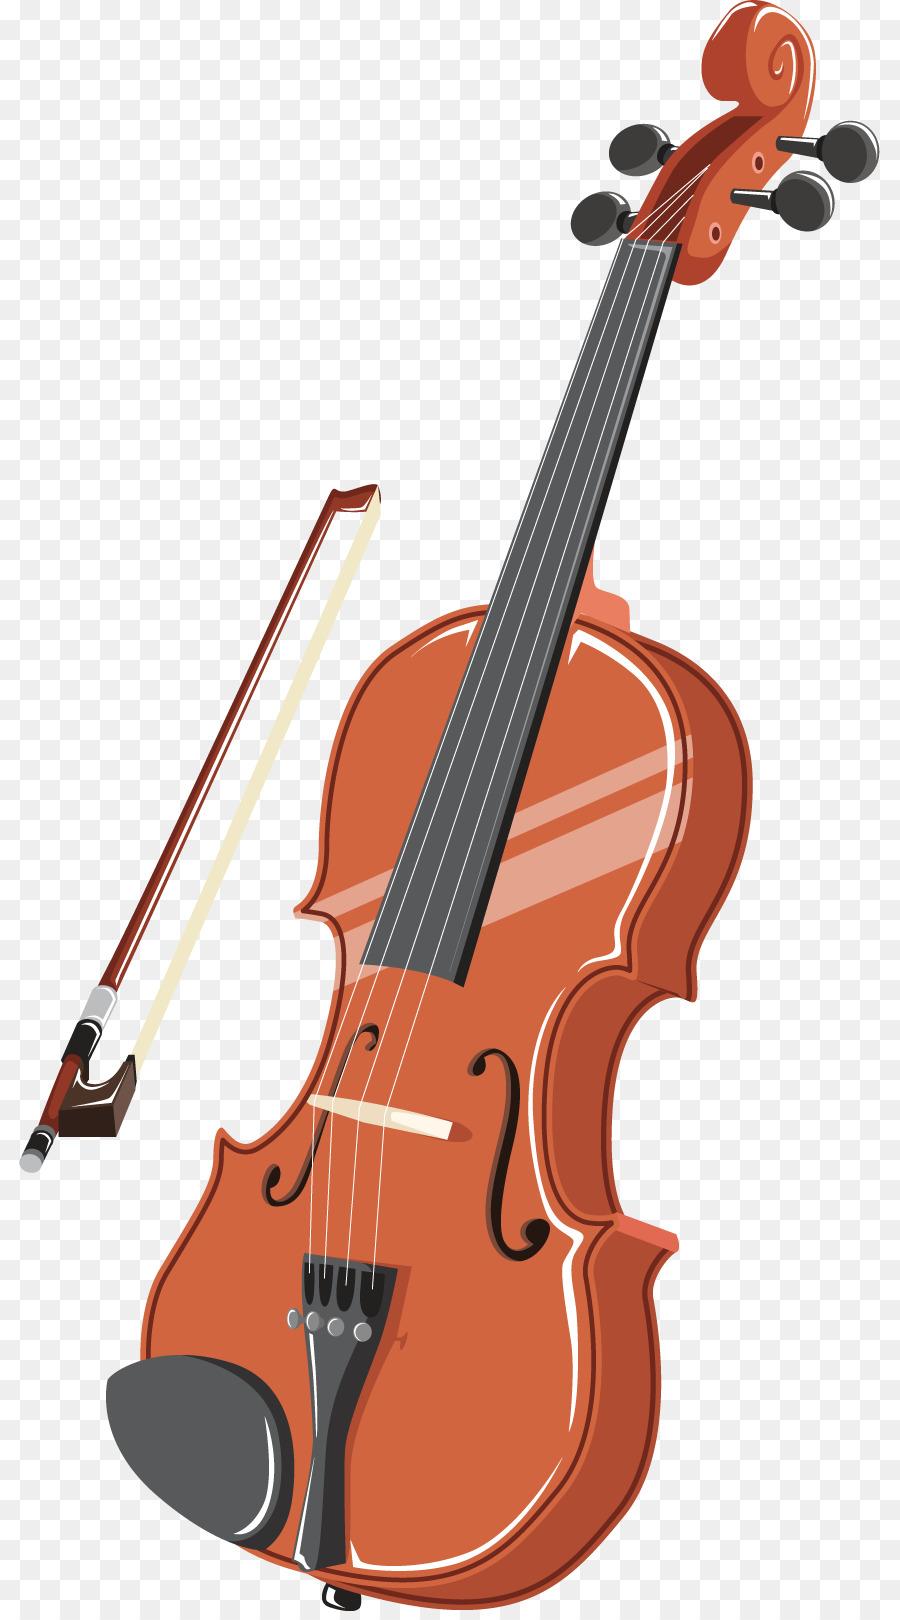 Violin clipart transparent vector download Family Cartoon clipart - Violin, transparent clip art vector download